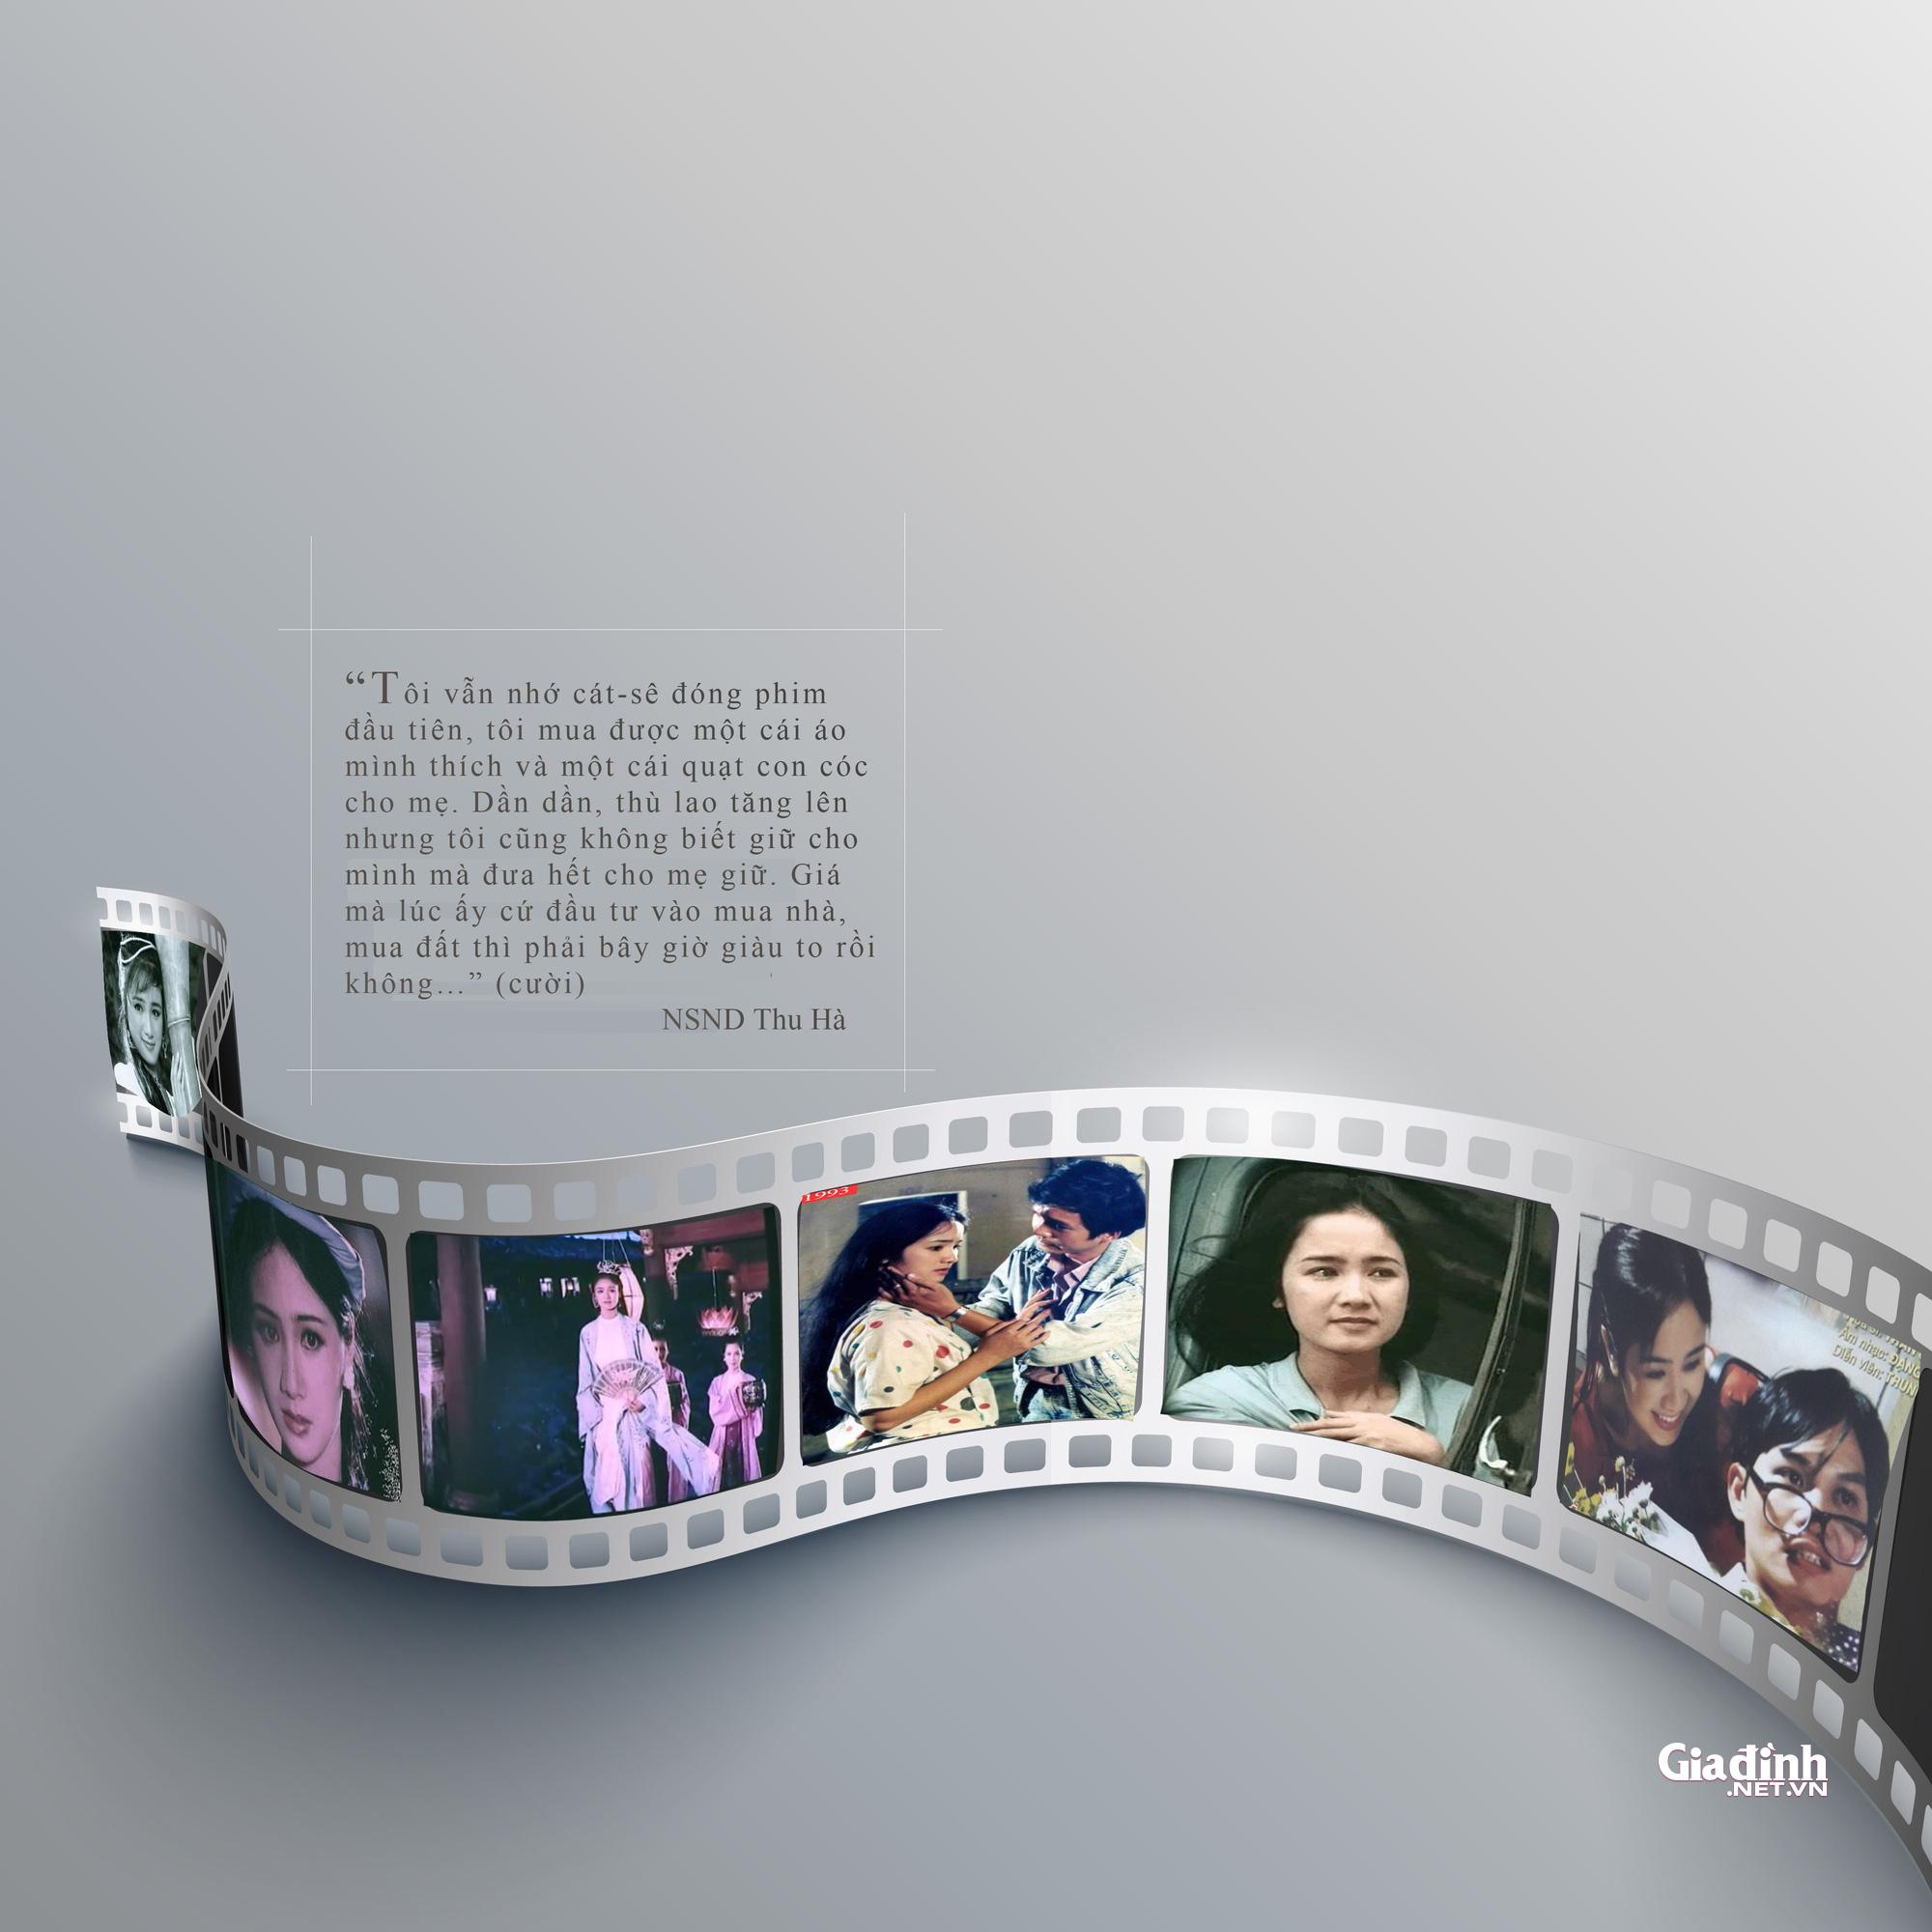 NSND Thu Hà lần đầu hé lộ về mối quan hệ với đạo diễn Trần Lực - Ảnh 2.